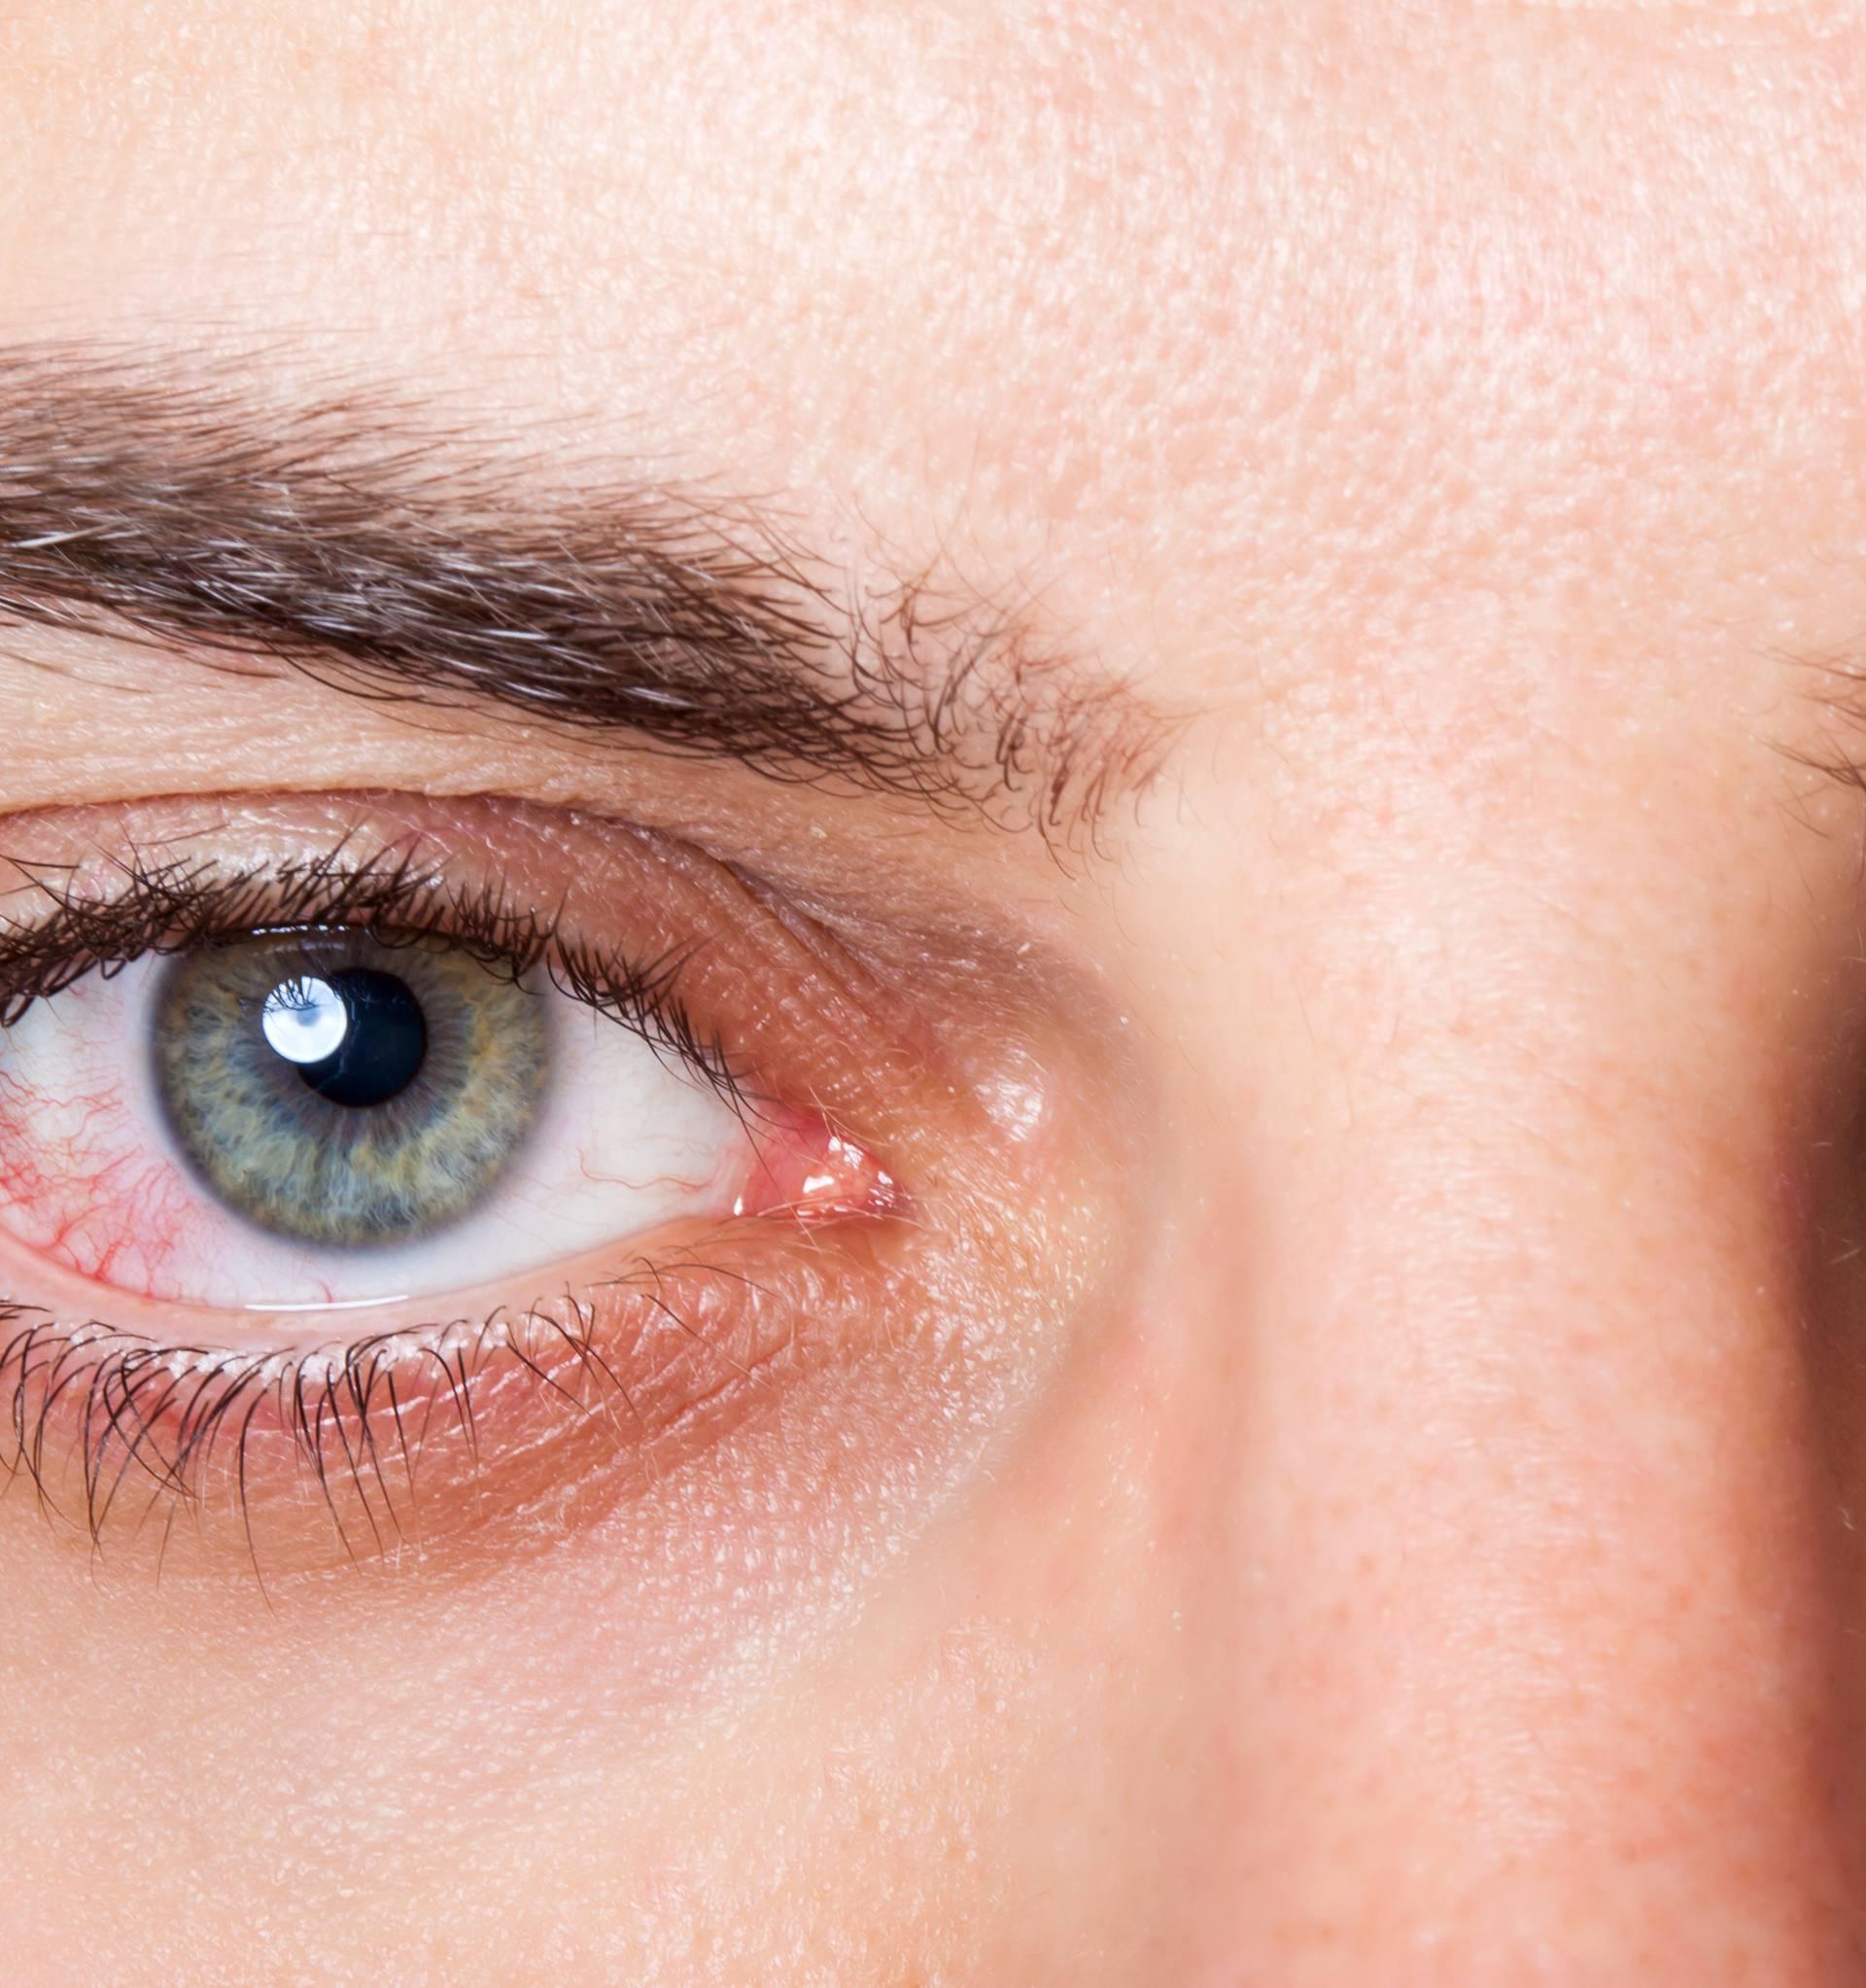 S.O.S. kod ozljede oka: Evo što treba učiniti u svakom slučaju